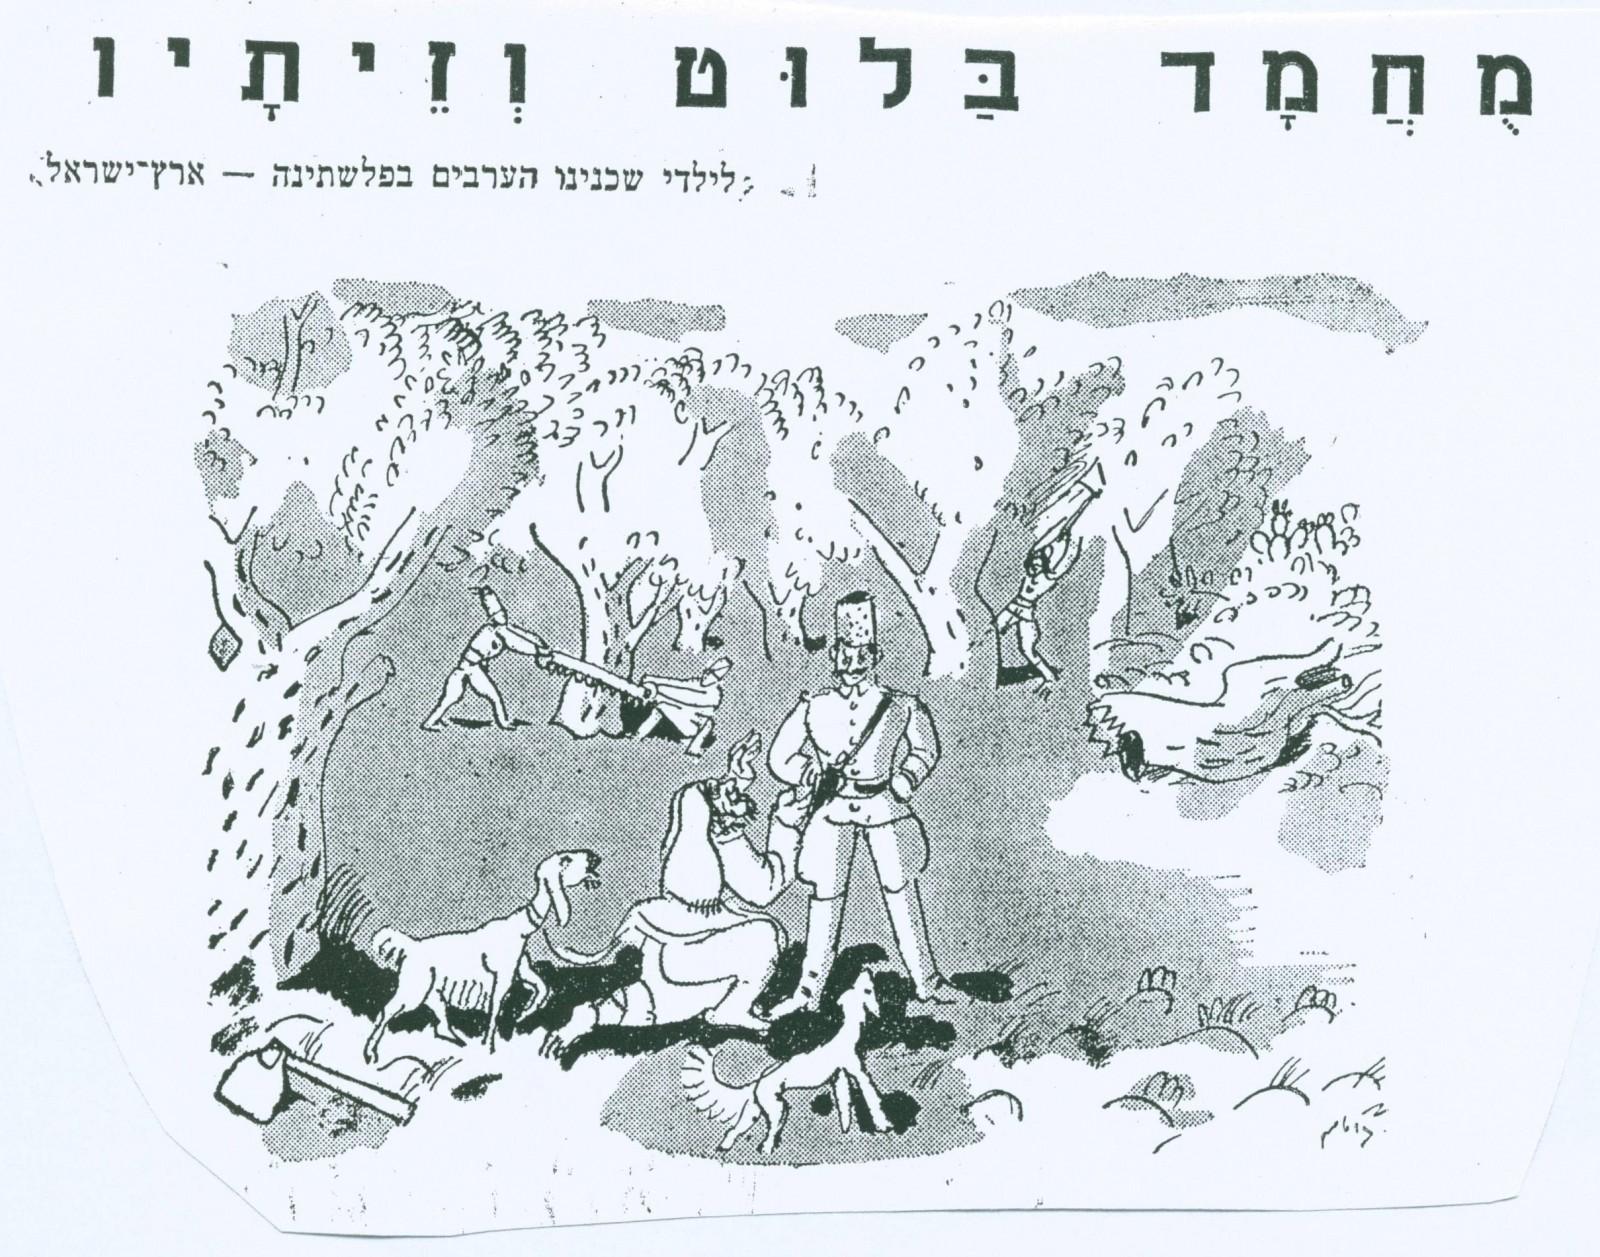 """""""דבר לילדים"""", 29.10.36 (מוזיאון נחום גוטמן לאמנות, נווה-צדק, תל-אביב)"""